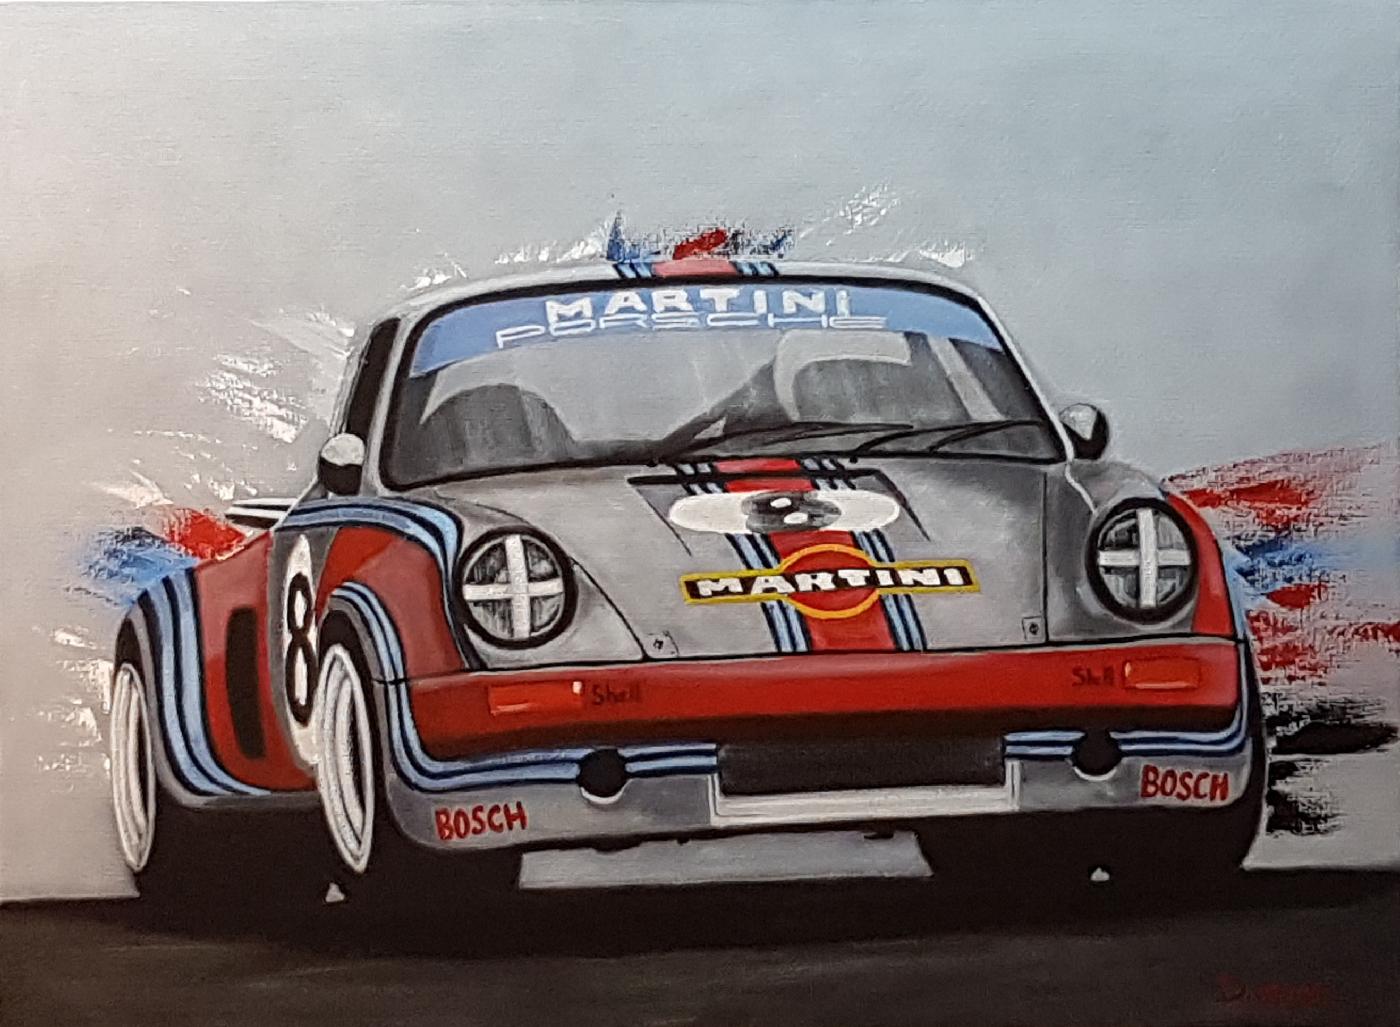 porsche RSR martini racing - 73×54